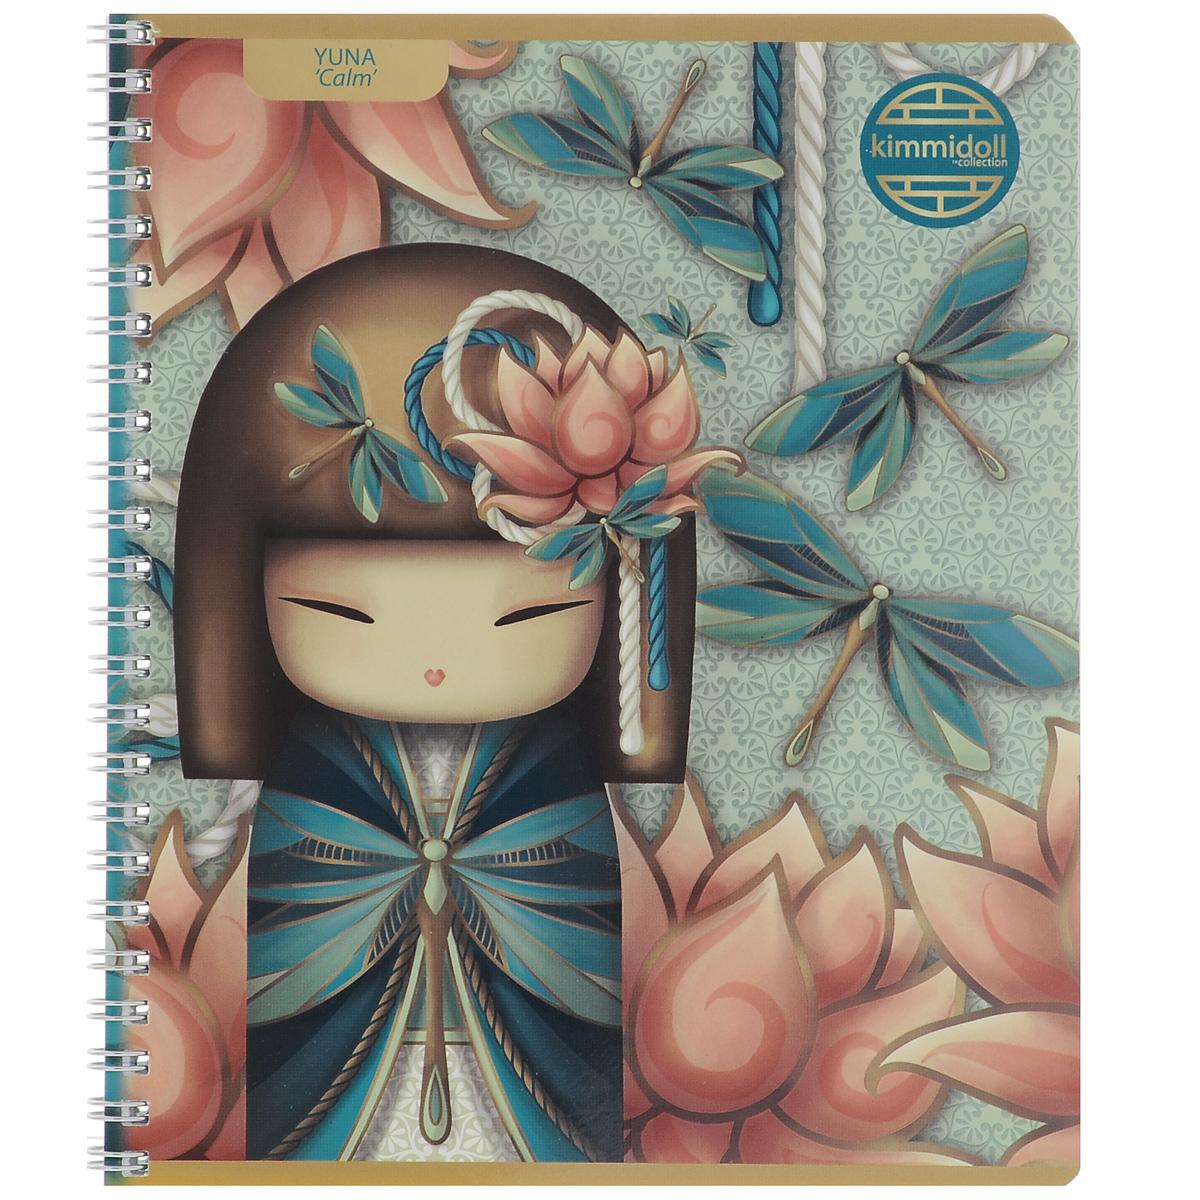 Тетрадь Yuna (Calm), цвет: бирюзовый, розовый, 80 листовKD5/3_Yuna CalmТетрадь Yuna (Calm) с красочным изображением на обложке подойдет для выполнения любых работ. Обложка тетради выполнена из мелованного картона с закругленными углами и дополнена изображением японской мини-куклы Юны. Внутренний блок тетради состоит из 80 листов высококачественной бумаги на гребне белого цвета. Все листы расчерчены в клетку без полей.